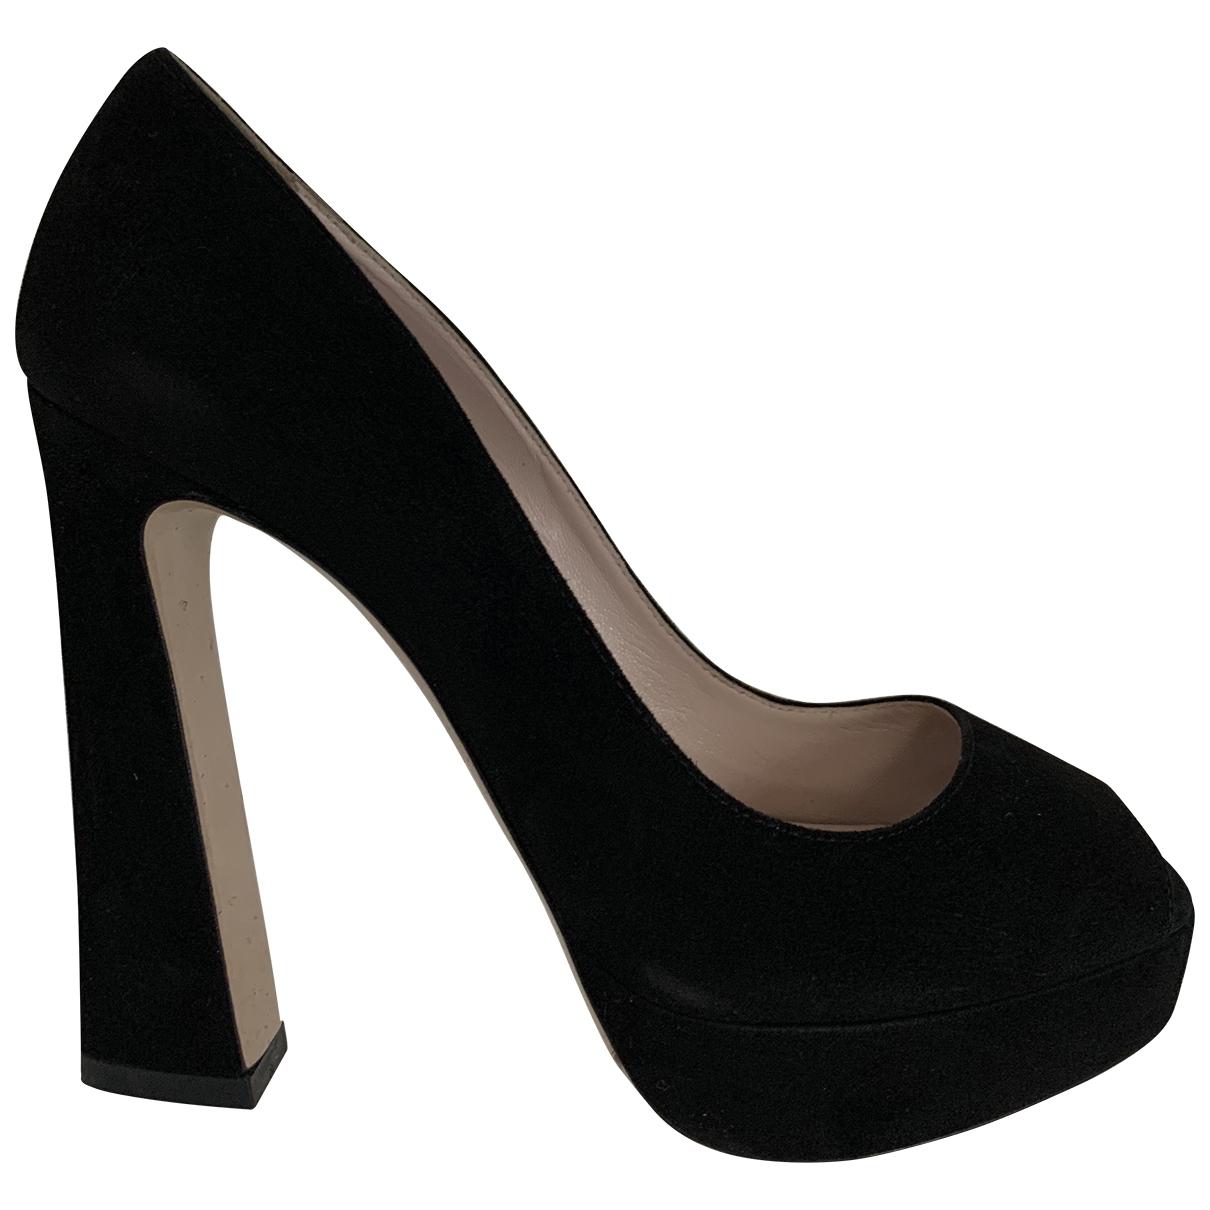 Miu Miu \N Black Suede Heels for Women 37 EU